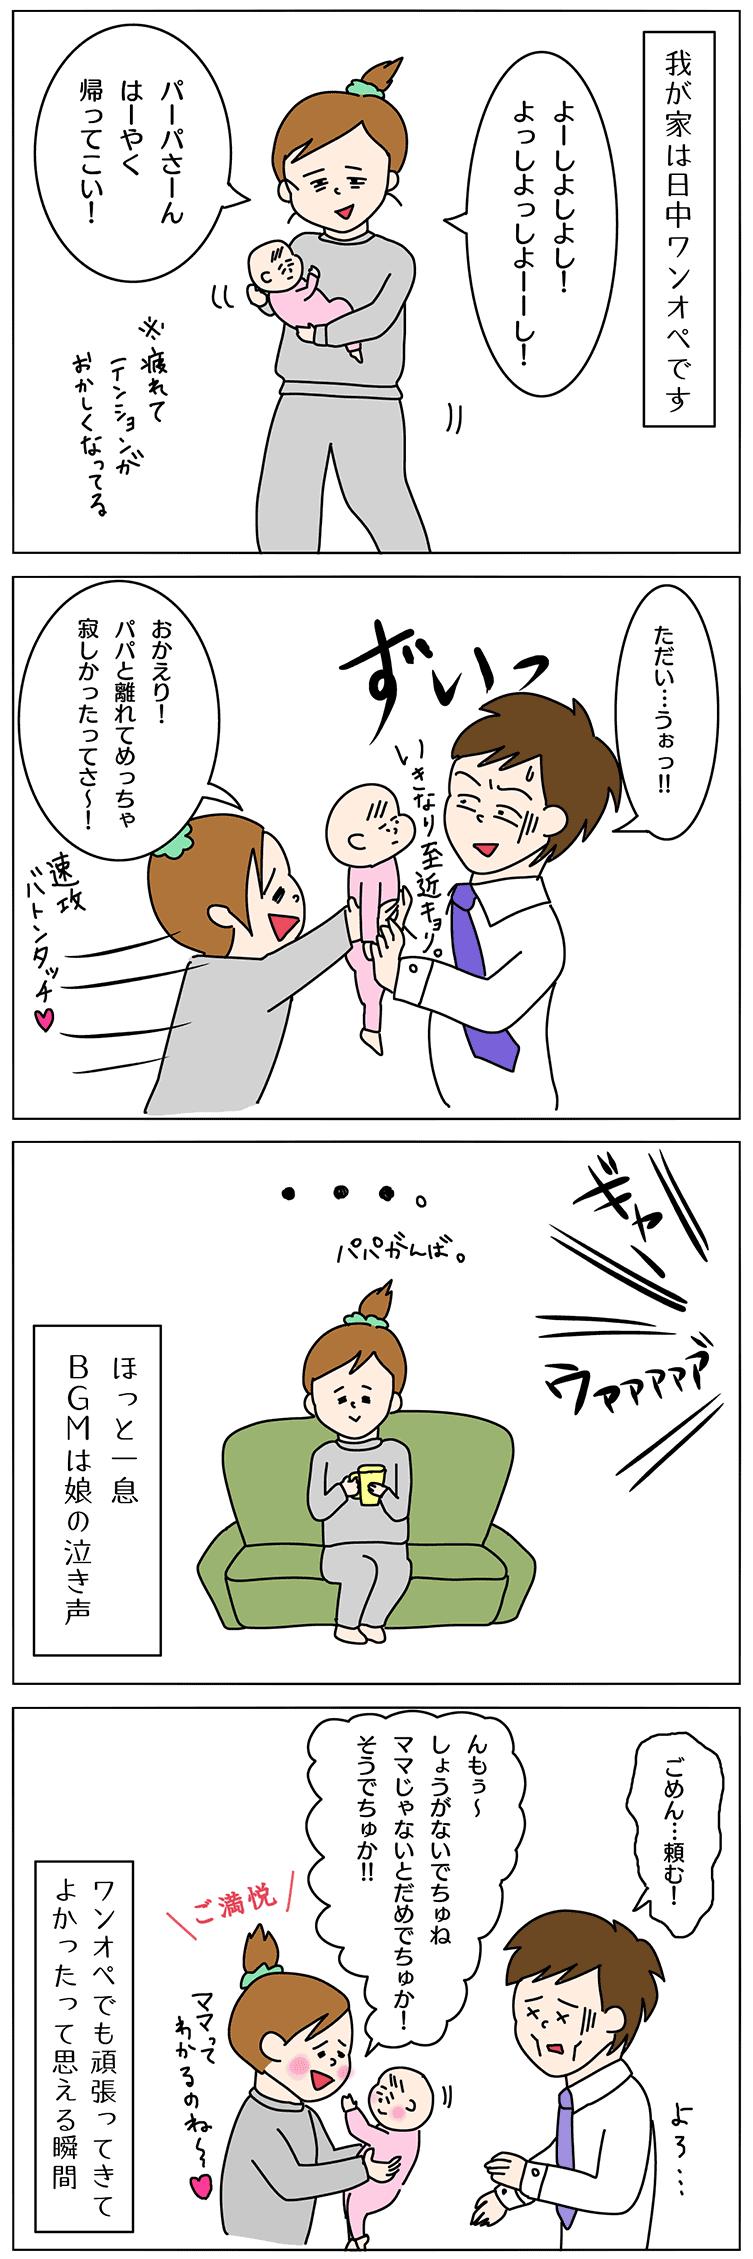 赤ちゃんがママを認識することに関する子育て4コマ漫画